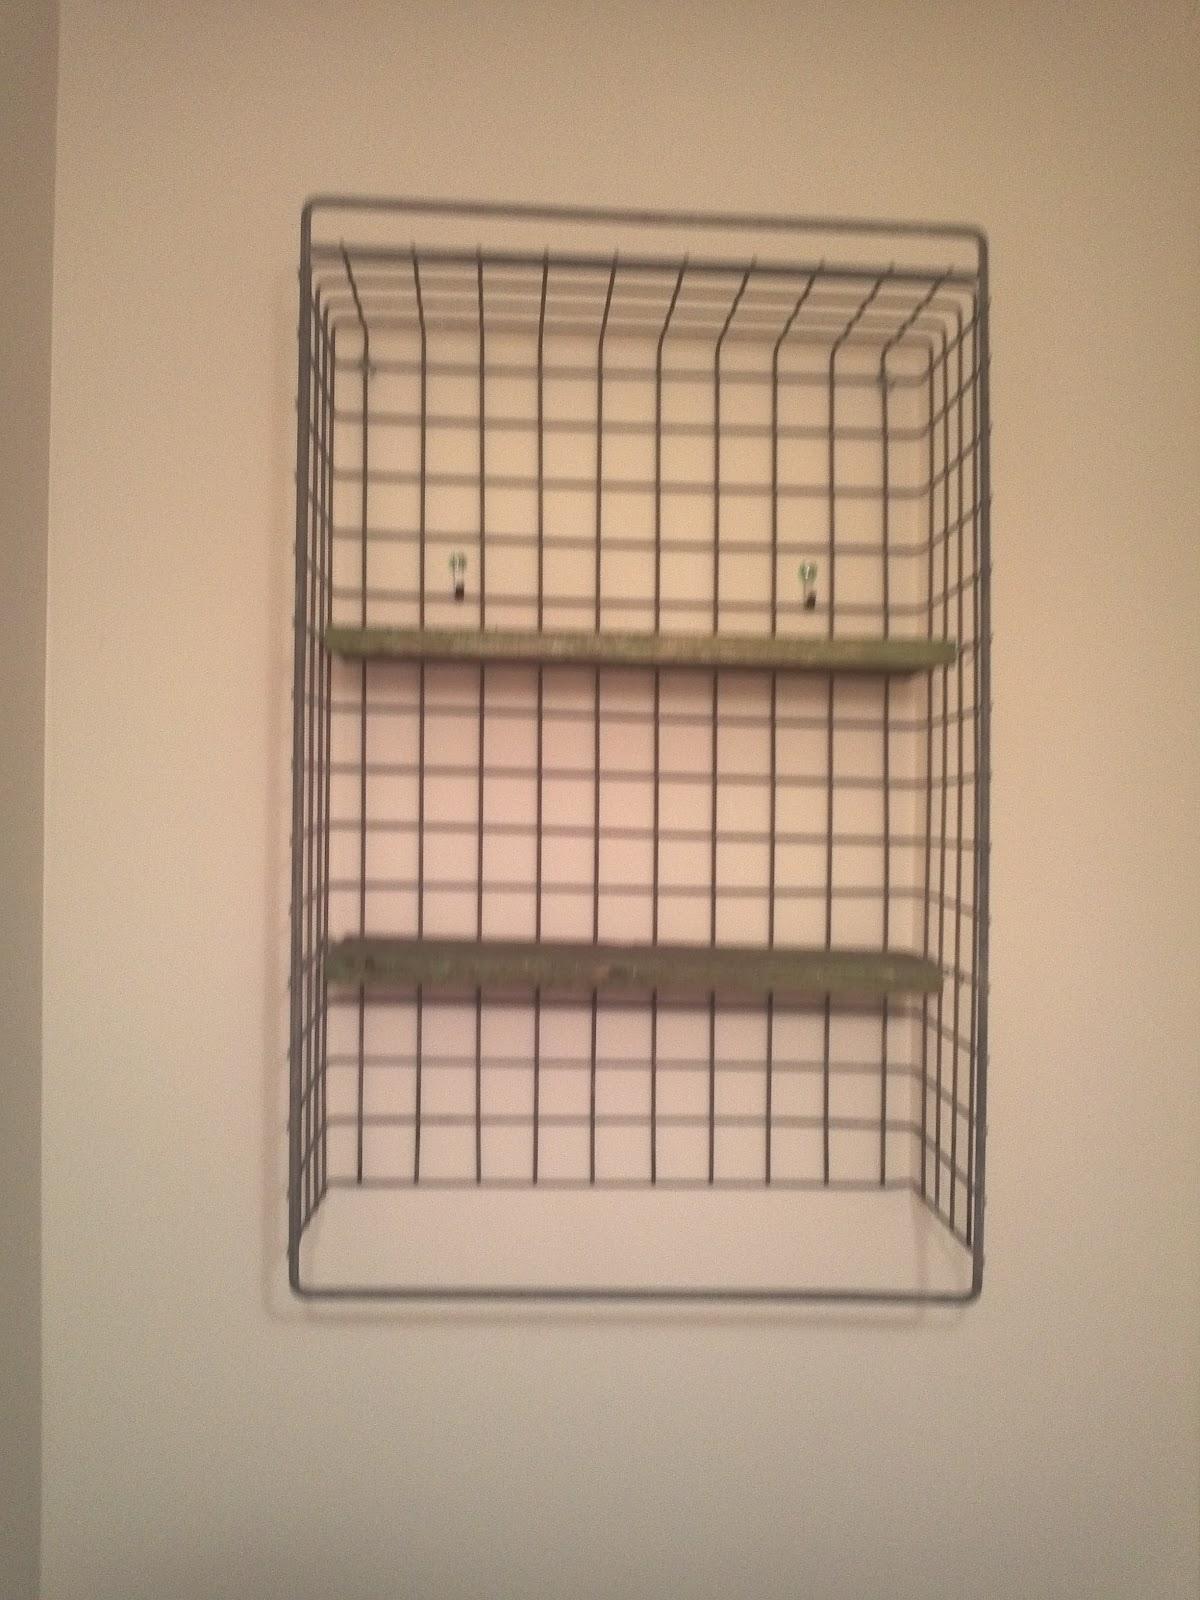 Wire Basket Turned Bathroom Shelf | Urban Femme to Farmer ...